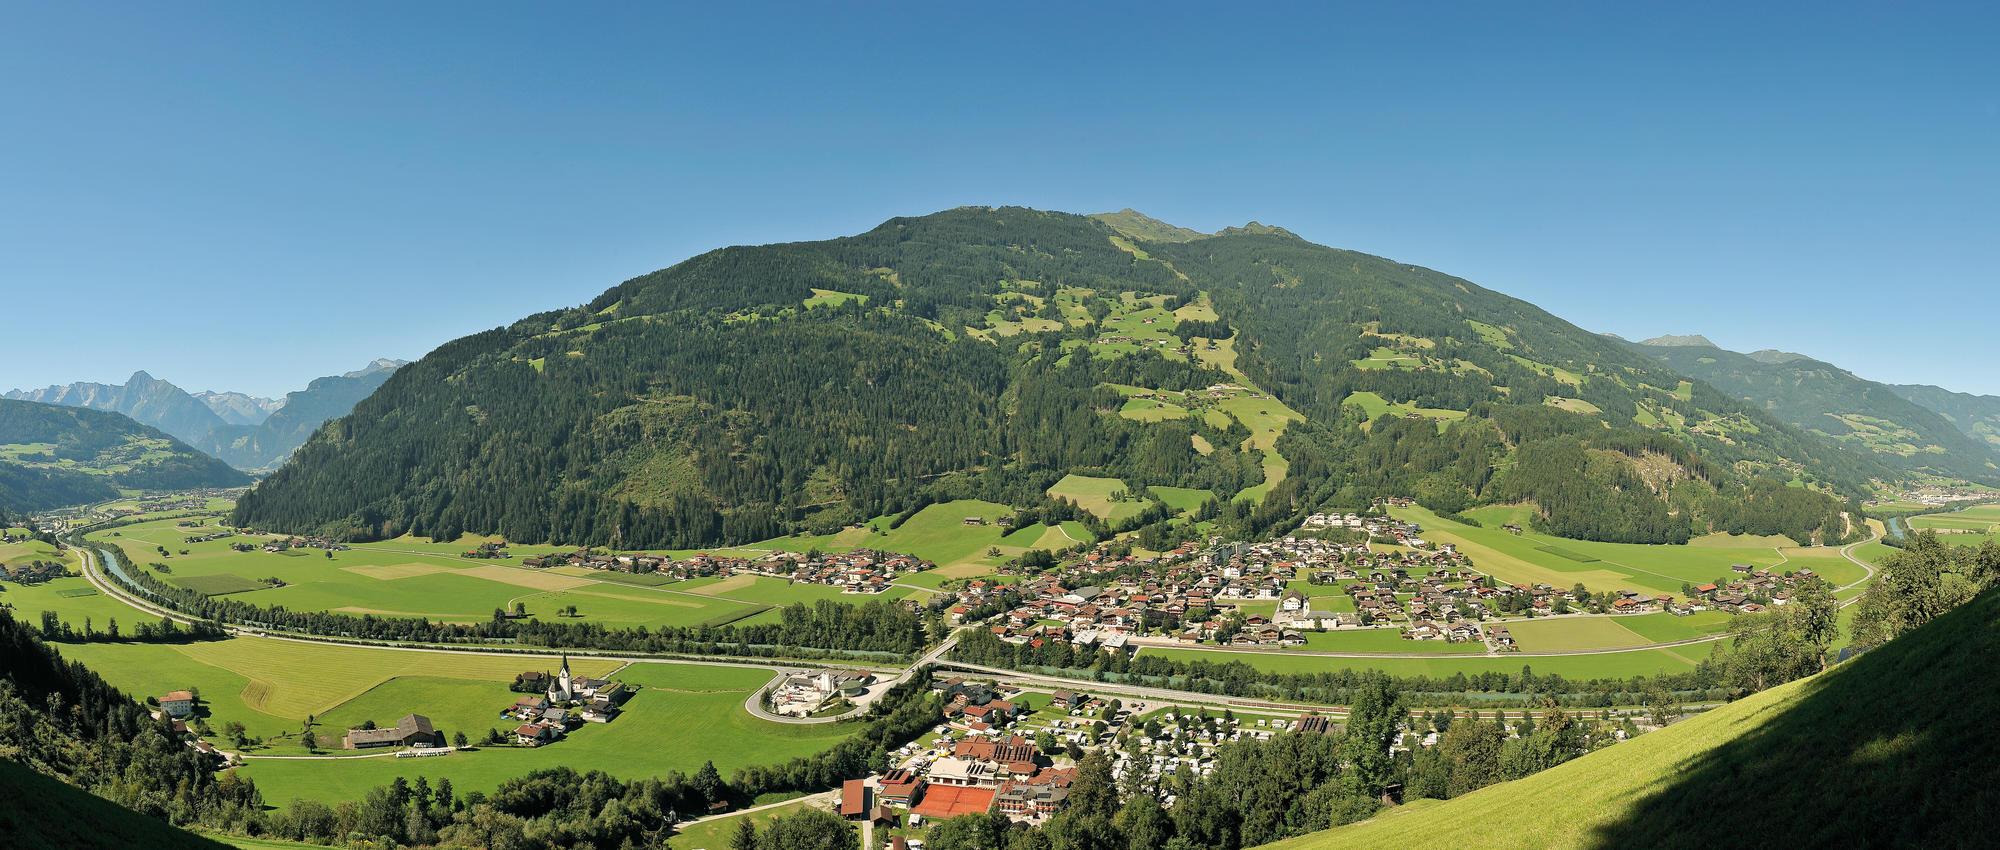 Ortsansicht Aschau im Sommer | © Erste Ferienregion im Zillertal / Wörgötter&friends